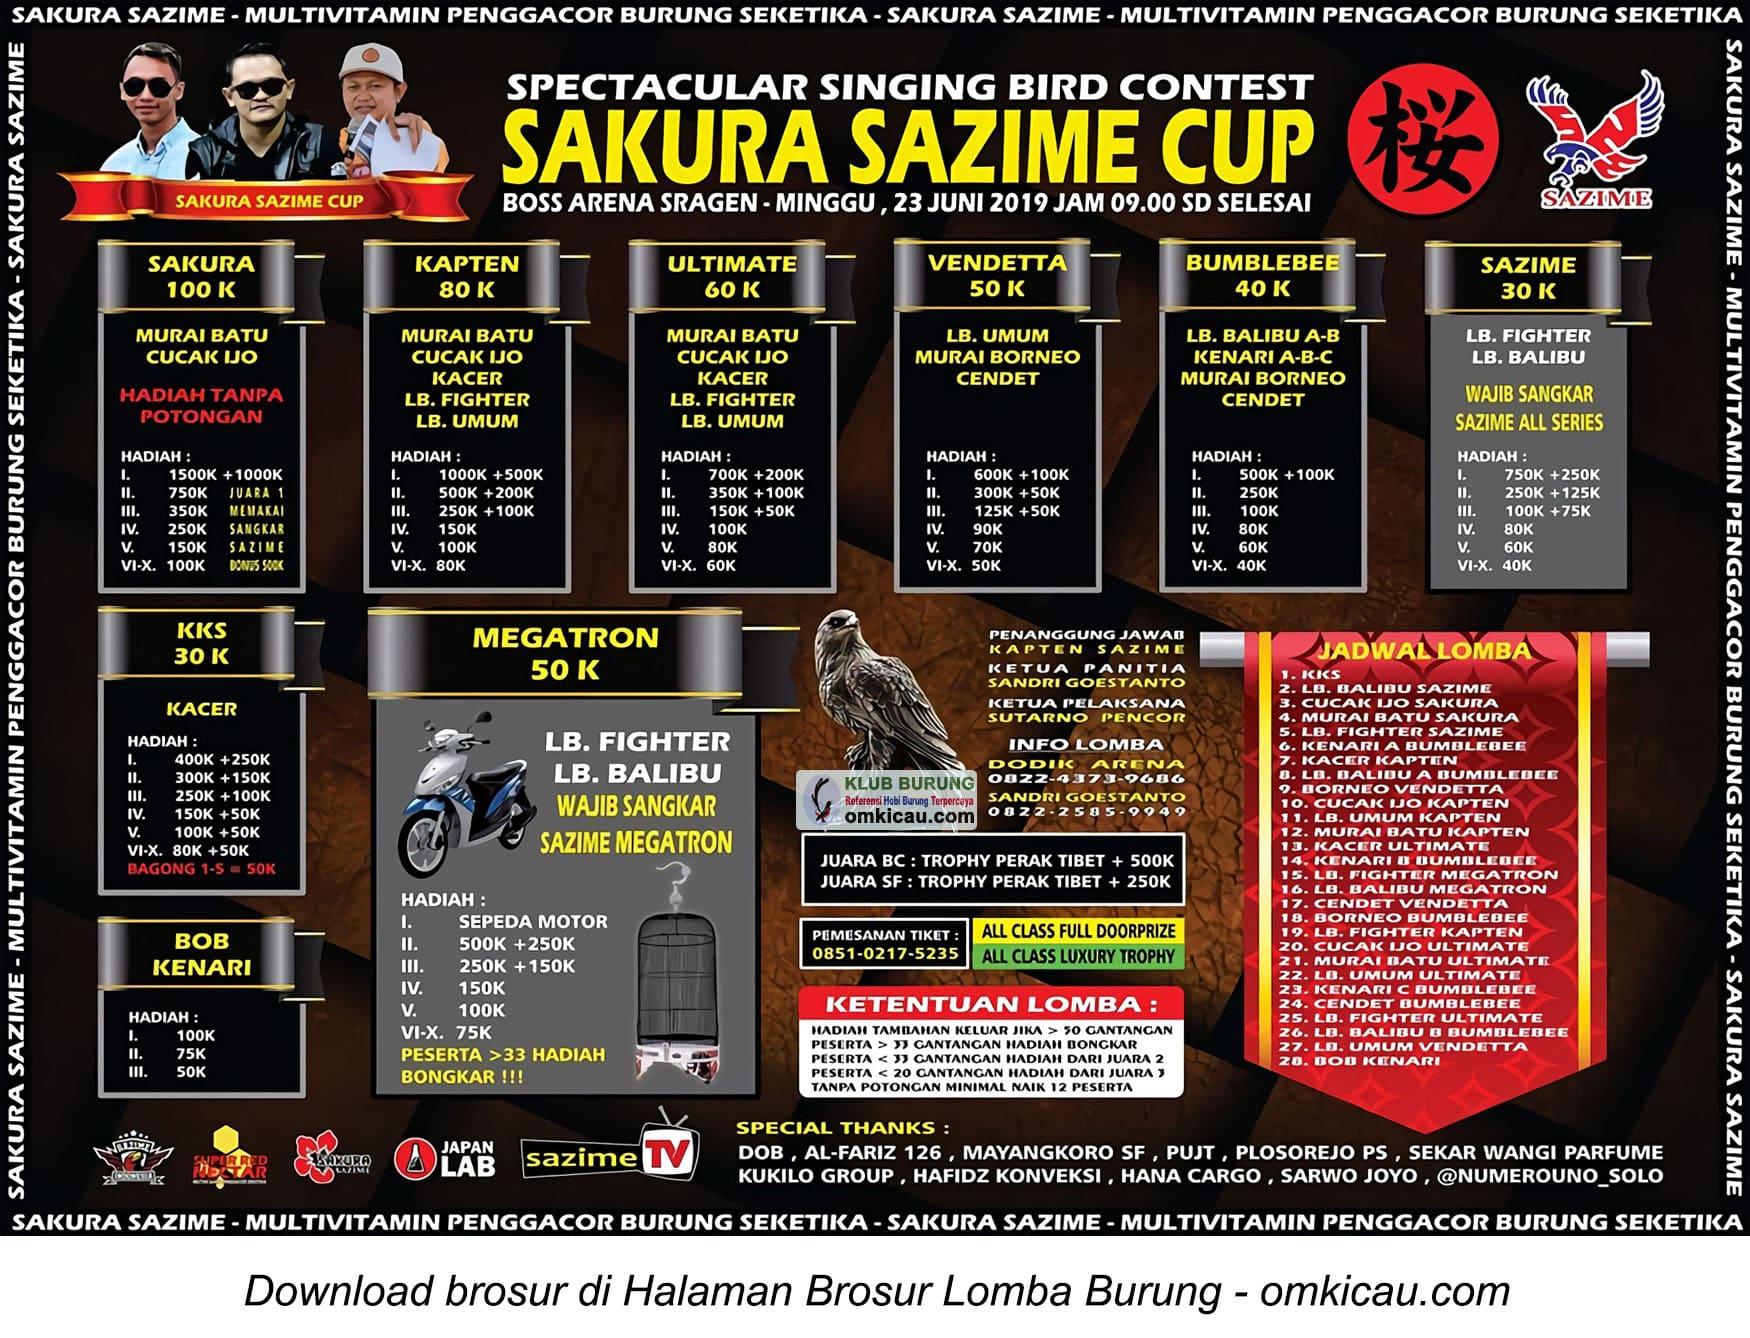 Sakura Sazime Cup